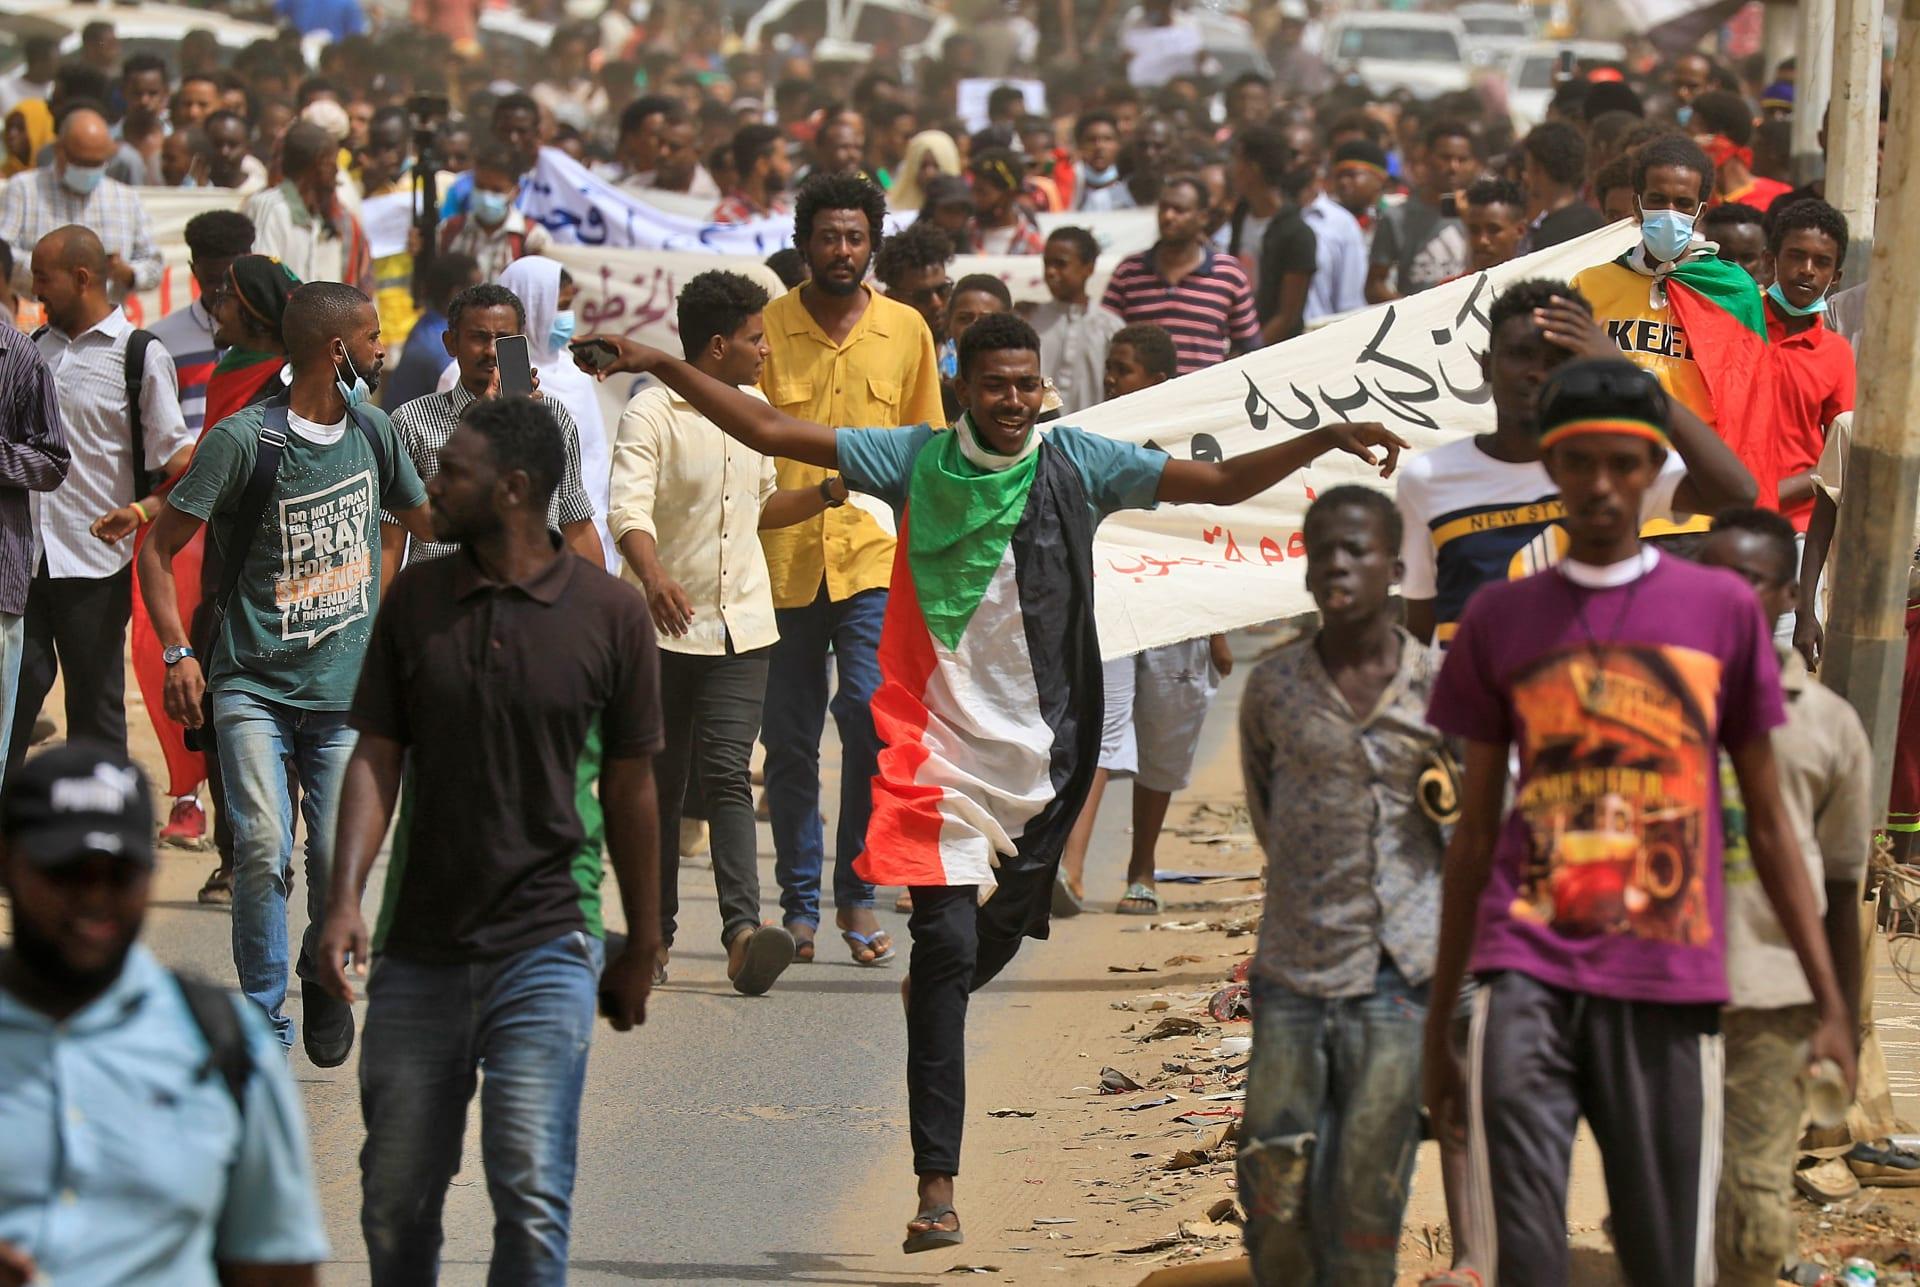 مسيرة سودانية خلال مظاهرة في العاصمة الخرطوم تحث الحكومة على التنحي بسبب تأخر العدالة والإصلاحات الاقتصادية القاسية الأخيرة - في 30 يونيو 2021.